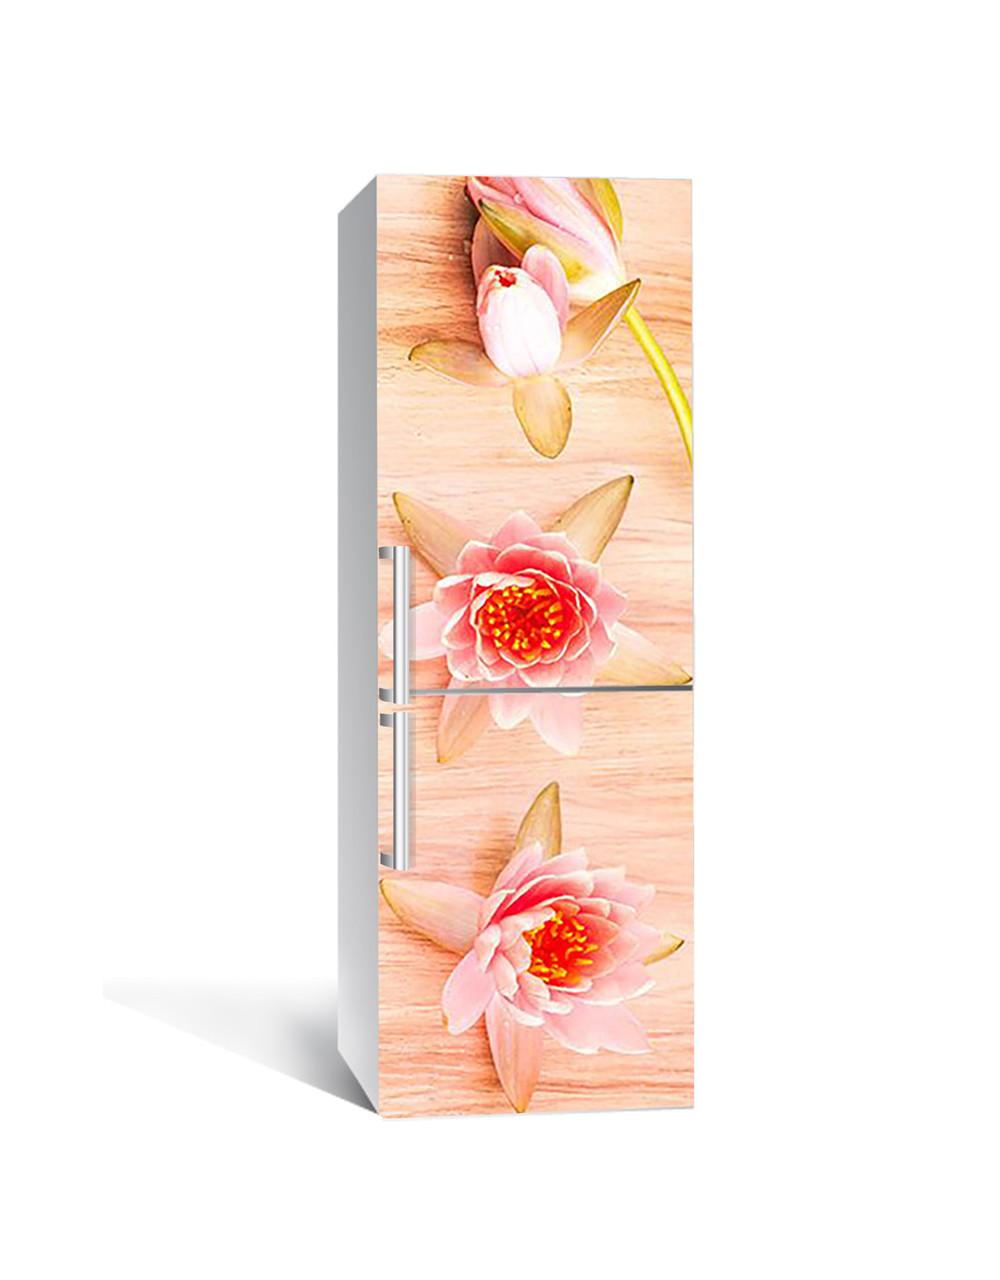 Интерьерная наклейка на холодильник Цветы Лотоса виниловая пленка ламинированная ПВХ водяные лилии Бежевый